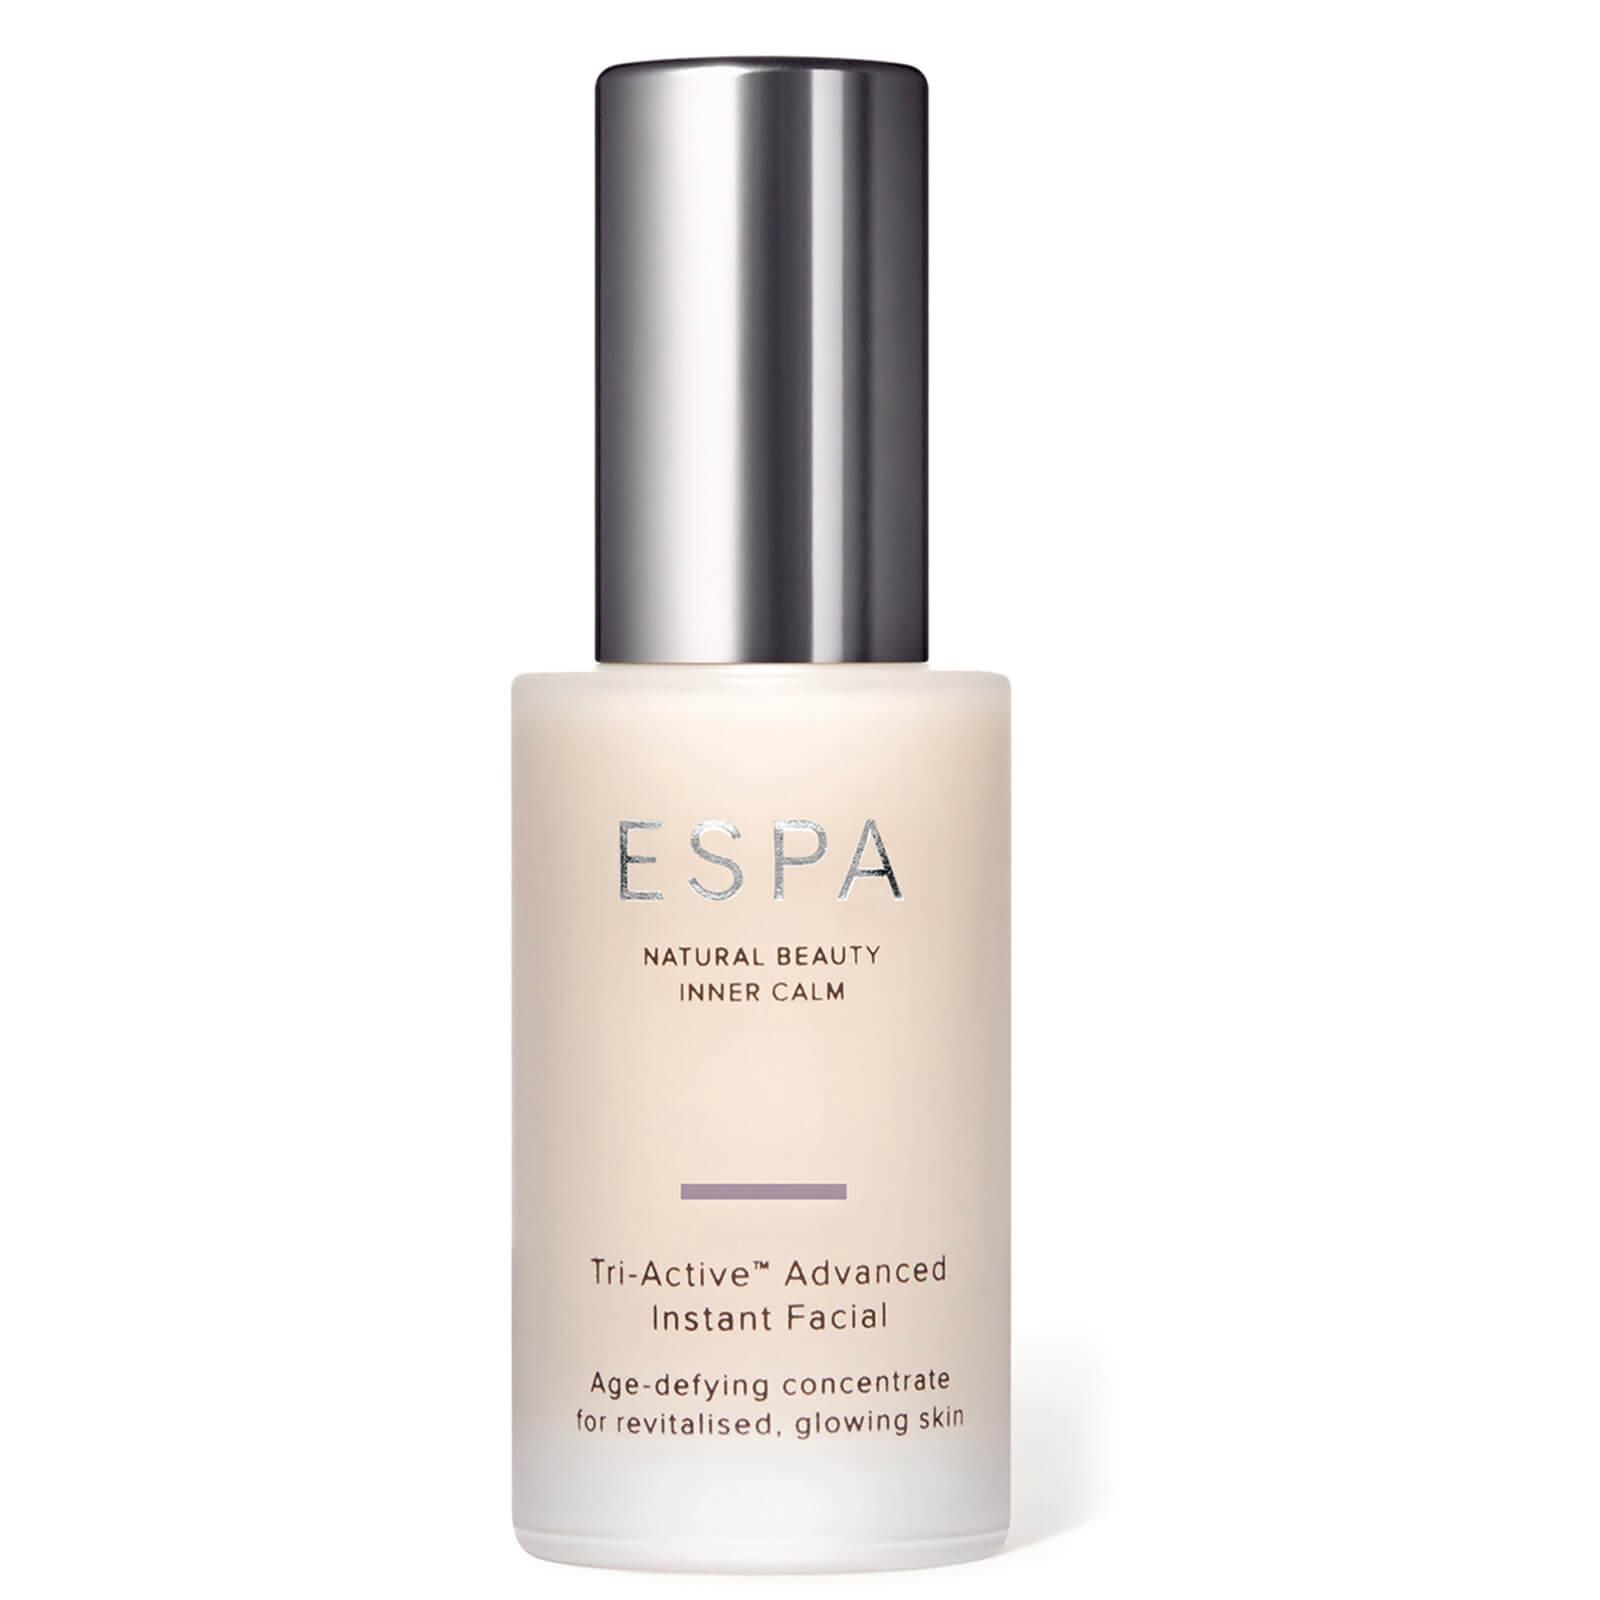 Vlog#9 妝前保養順序步驟與分享: 適合油肌的保濕產品~Aesop化妝水、Espa乳液、Inika唇油